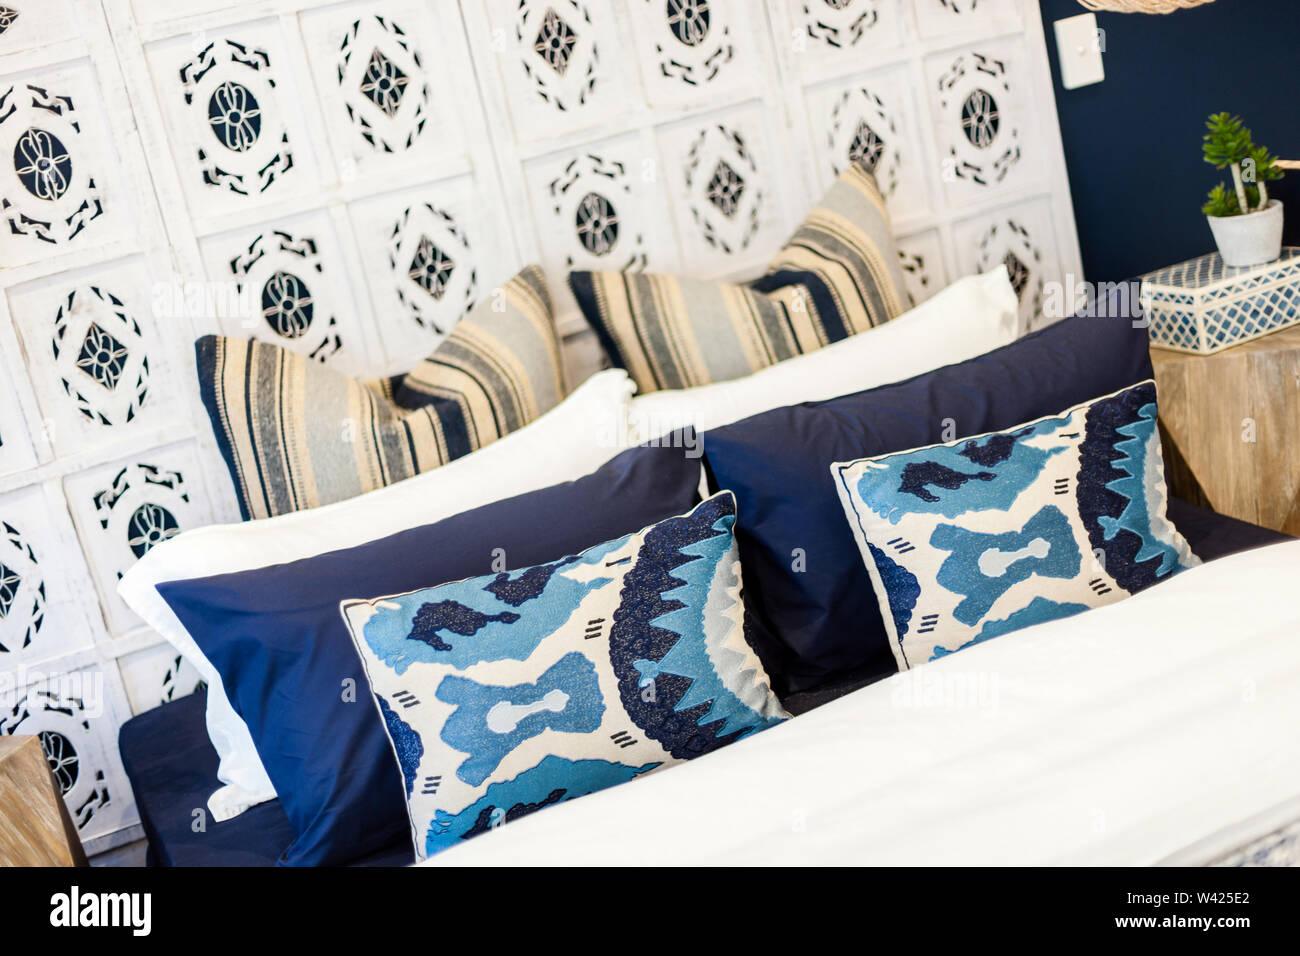 Un letto con cuscini e cuscini in sfumature di blu contro un bianco di supporto del letto e un letto bianco foglio, con un elegante tavolo laterale con un piano di piccole dimensioni Immagini Stock